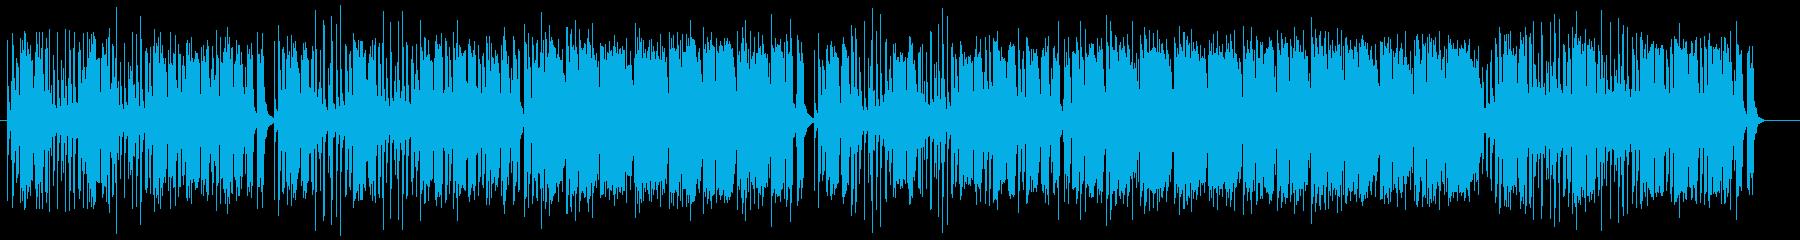 ノリのいいリズムが楽し気なポップスの再生済みの波形